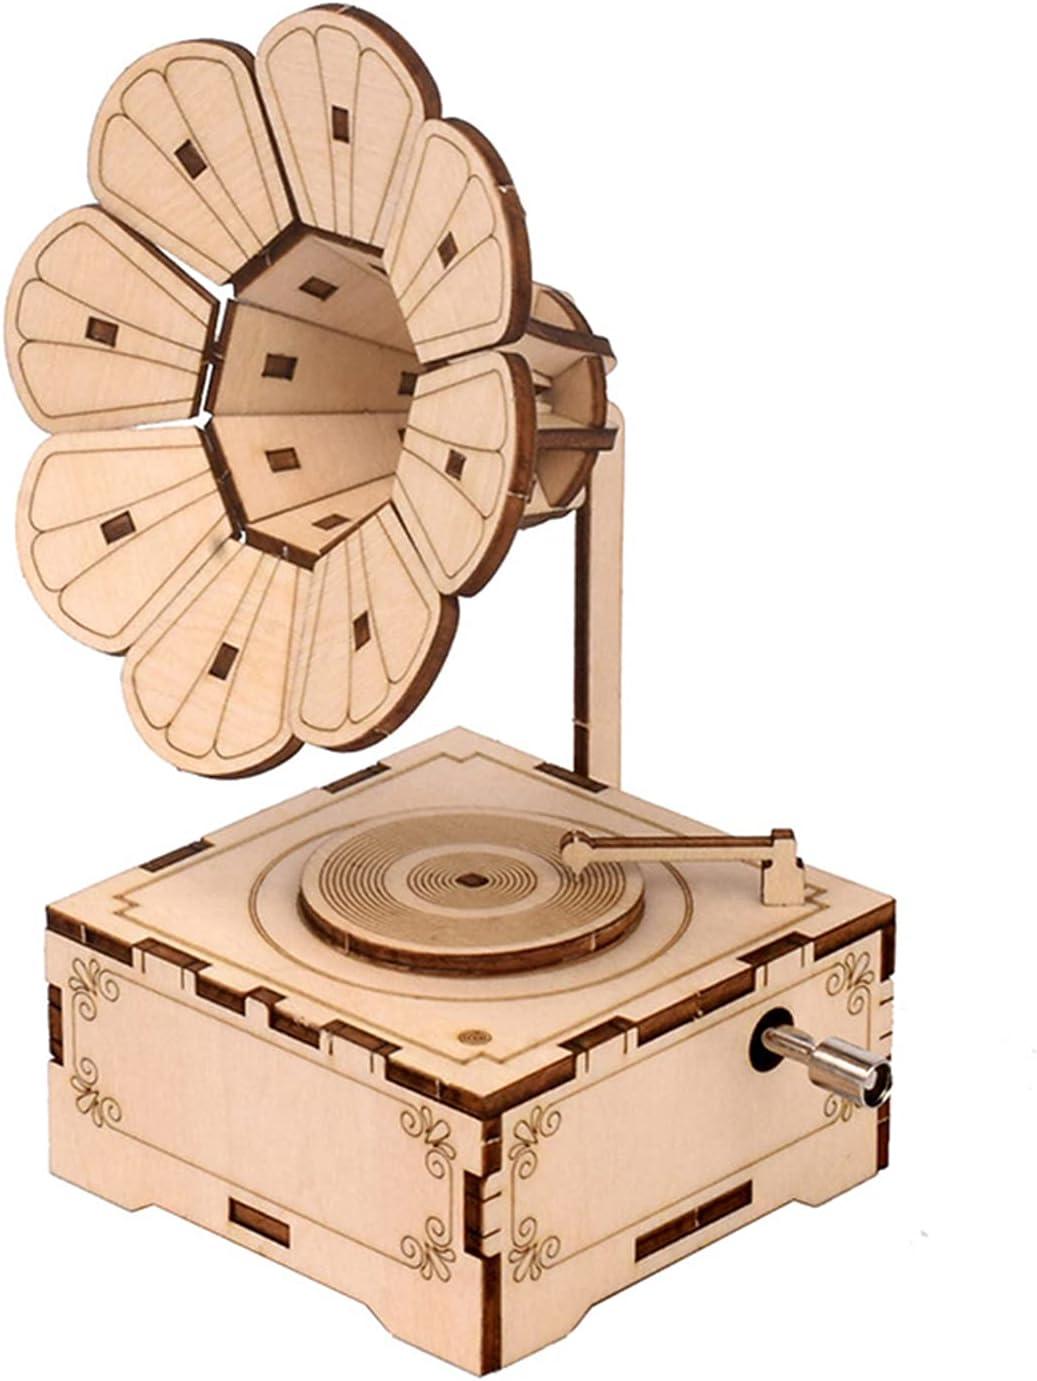 Rompecabezas de madera en 3D por sólo 4,99€ con el #código: 2JVEU9U5